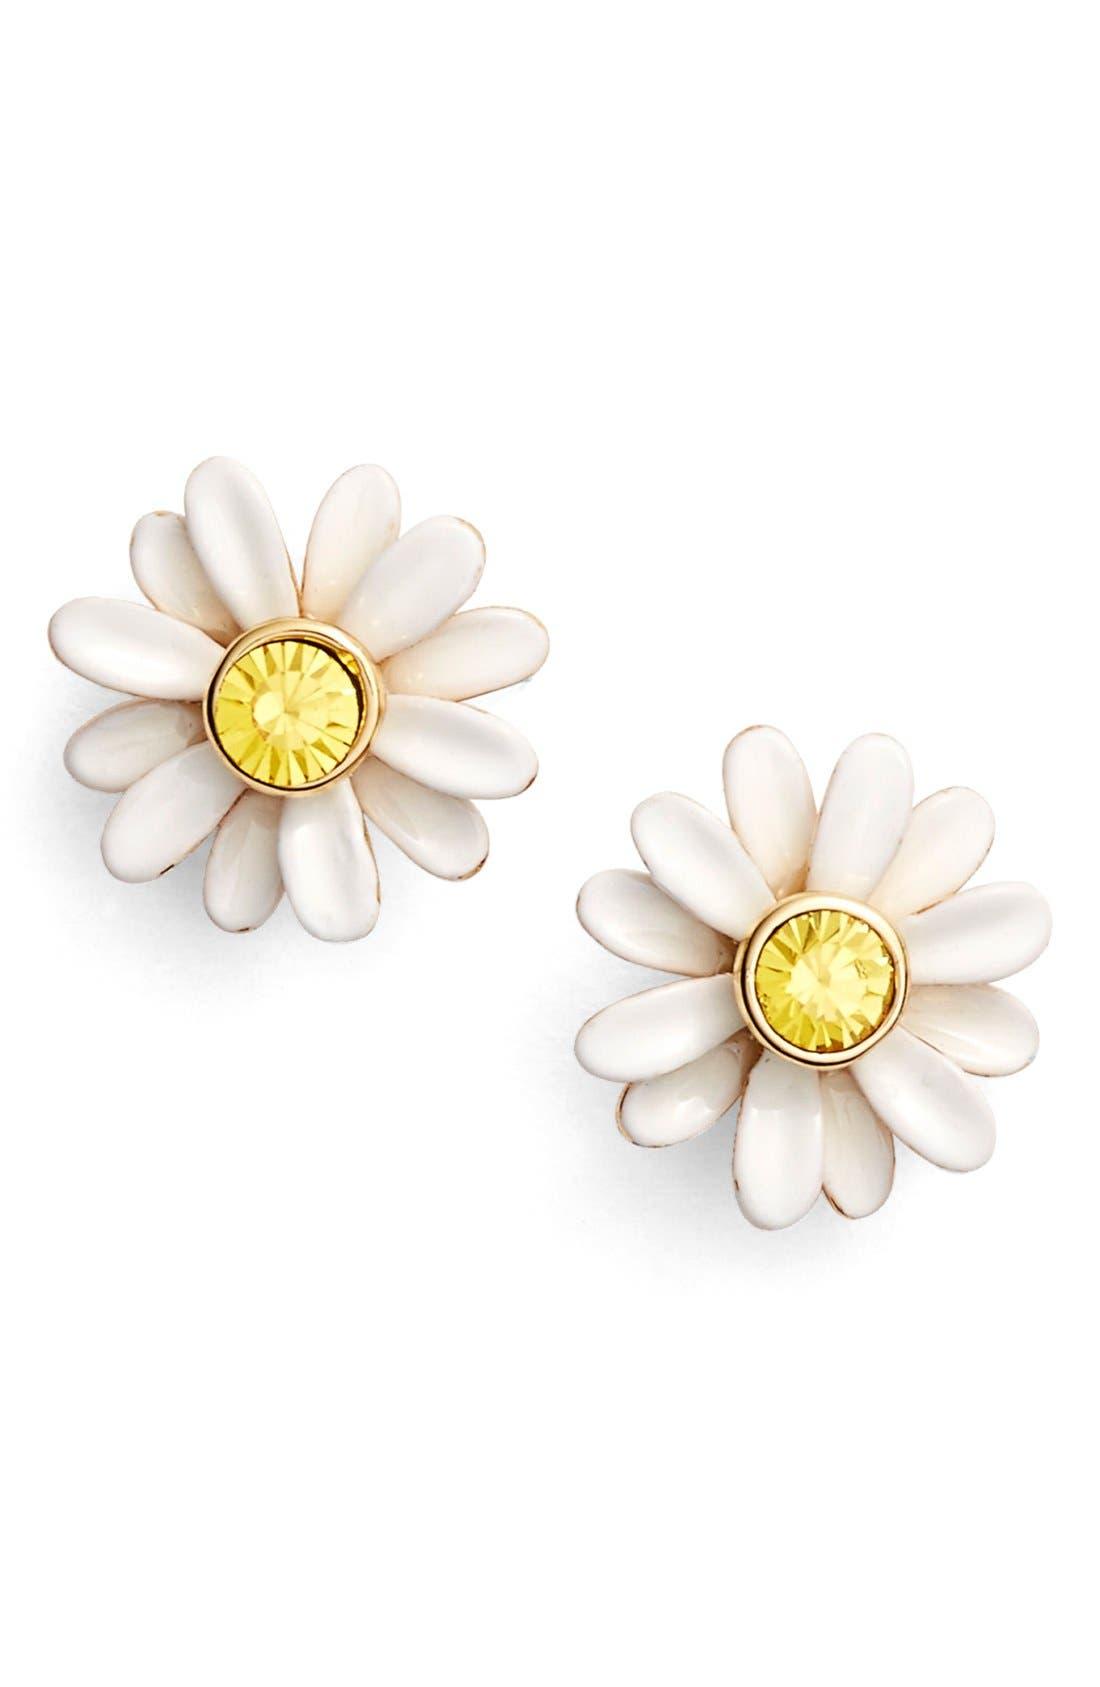 Alternate Image 1 Selected - kate spade new york 'dazzling daisies' stud earrings